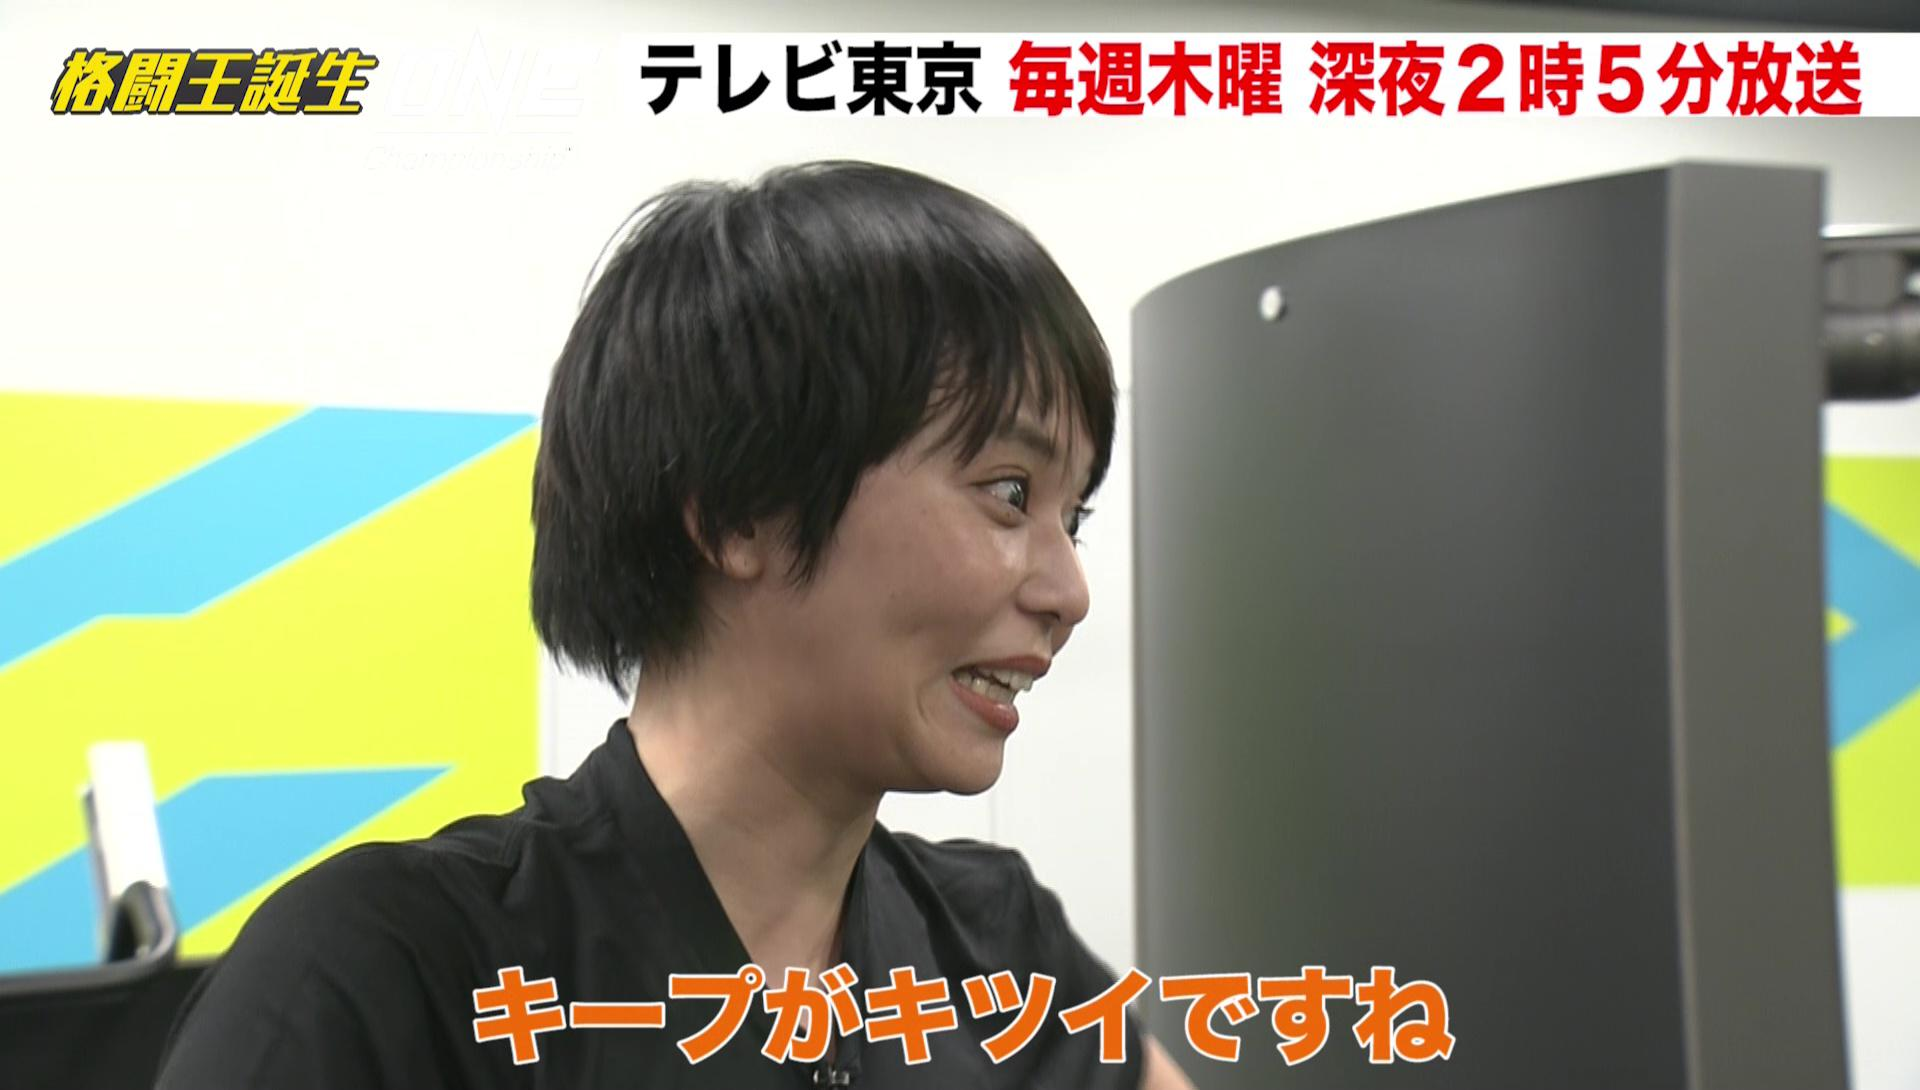 女子格闘家・山口芽生のトレーニングを依吹怜が体験!/格闘王誕生!ONE Championship